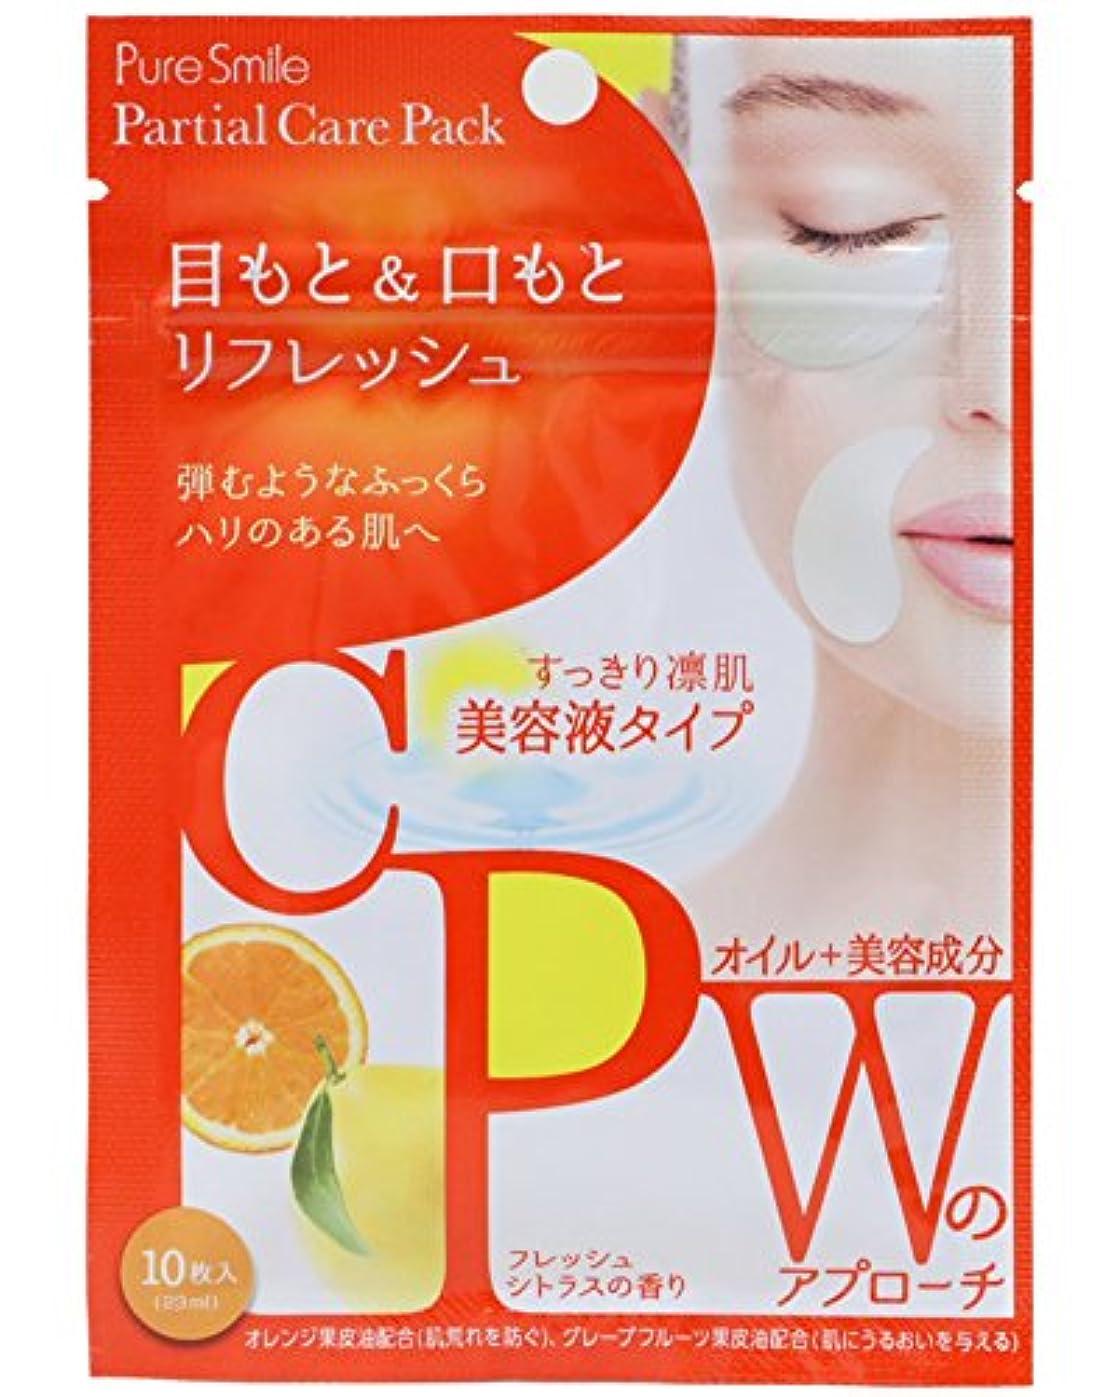 トレイルワイヤーパイプPureSmile(ピュアスマイル) 目もと口もと集中パック 『Partial Care Pack/パーシャルケアパック(10枚入り)』(美容液タイプ)